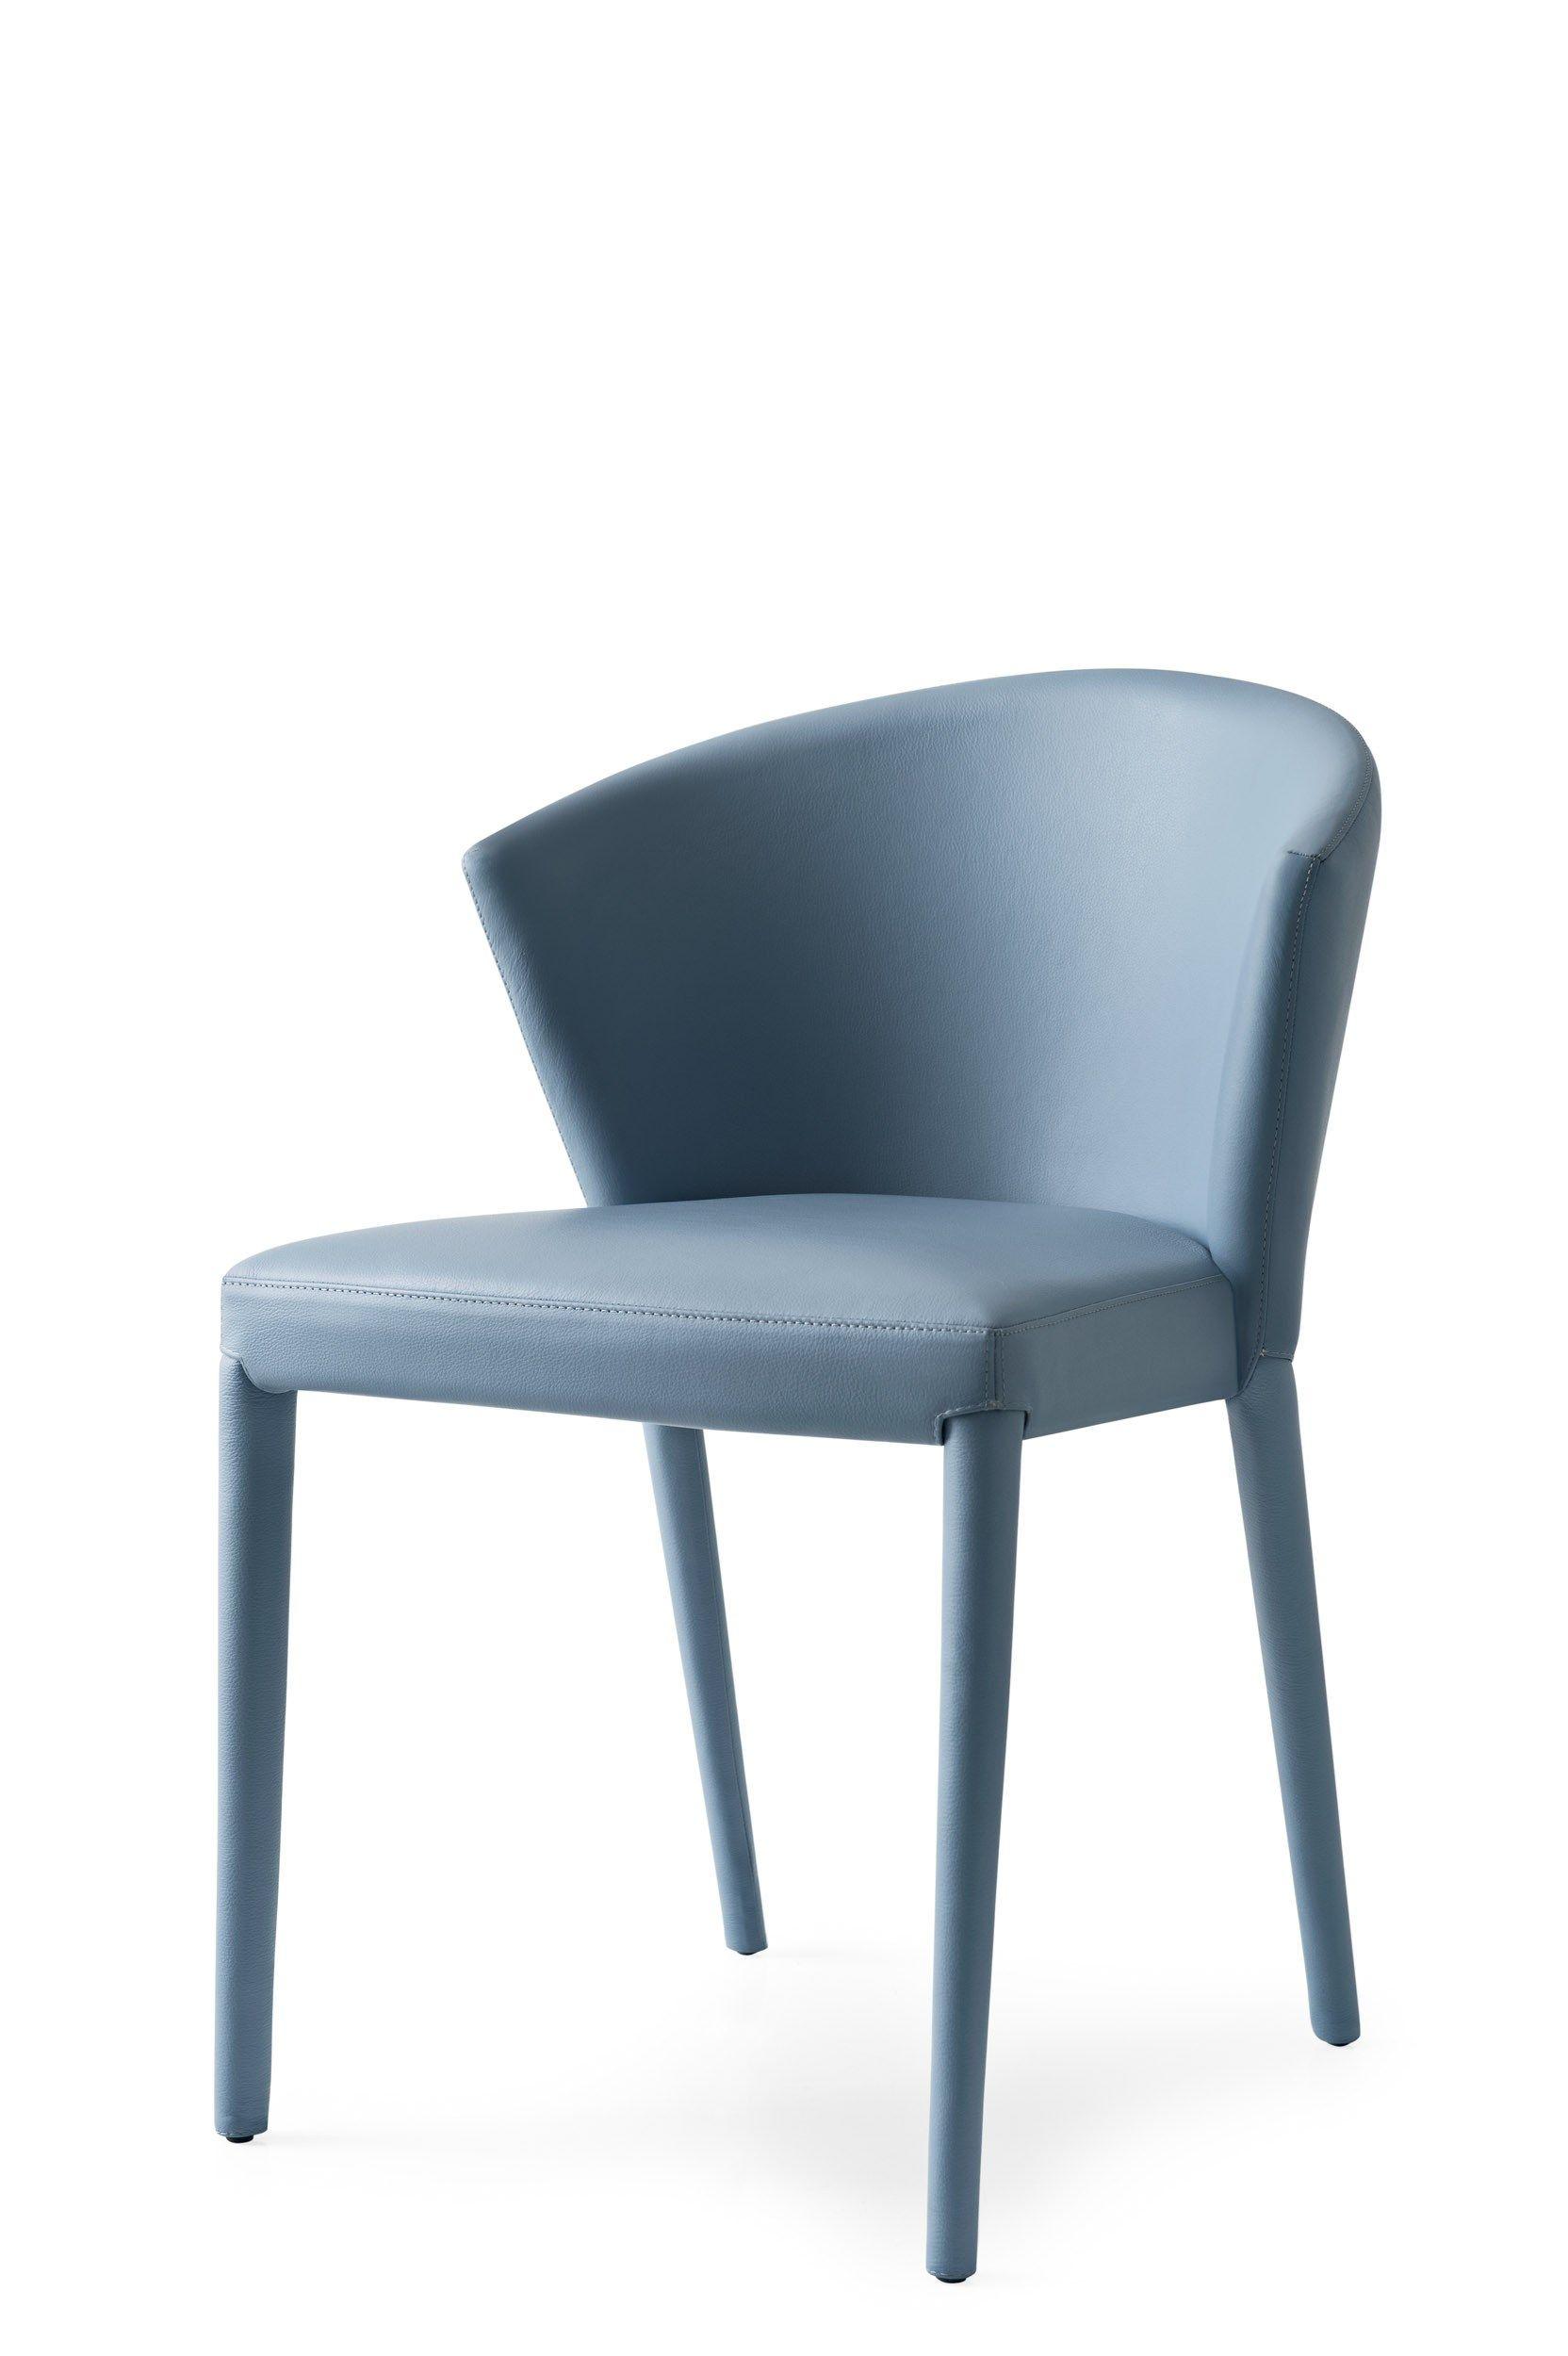 Am lie stuhl aus leder by calligaris design orlandini design for Calligaris instagram